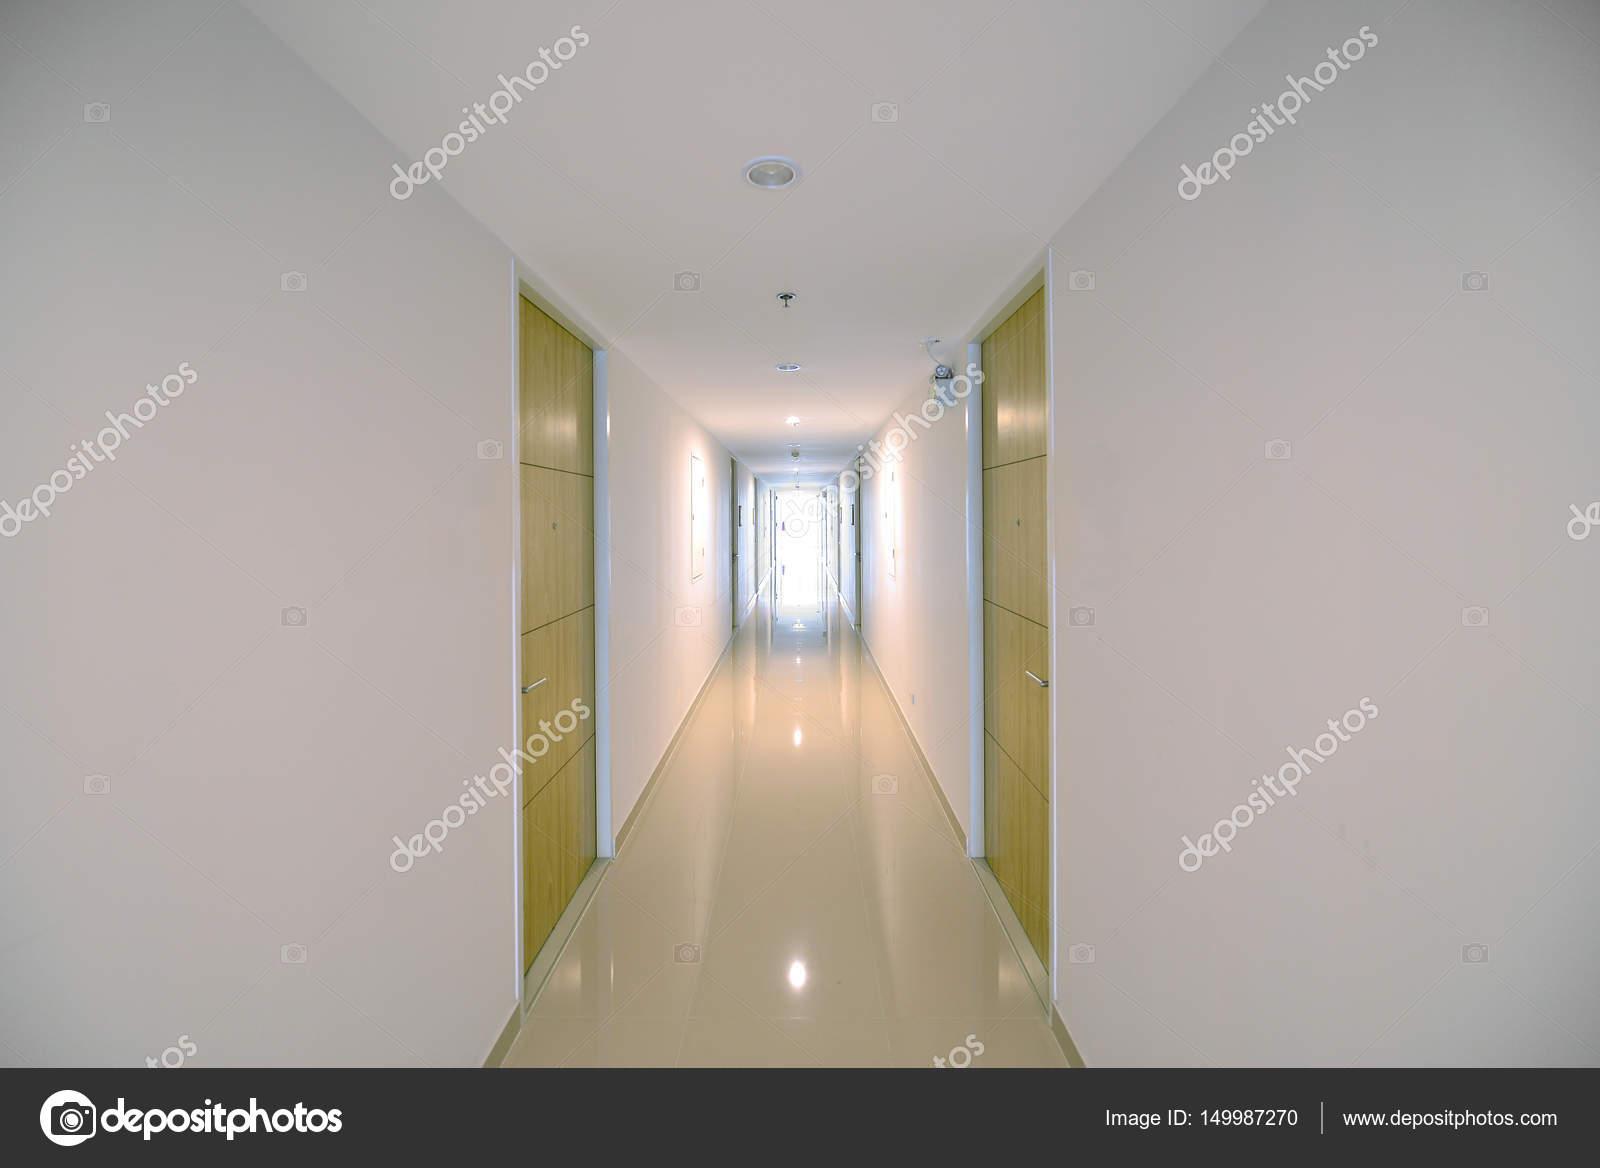 Condo corridor met houten deuren in condominium modern ontwerp